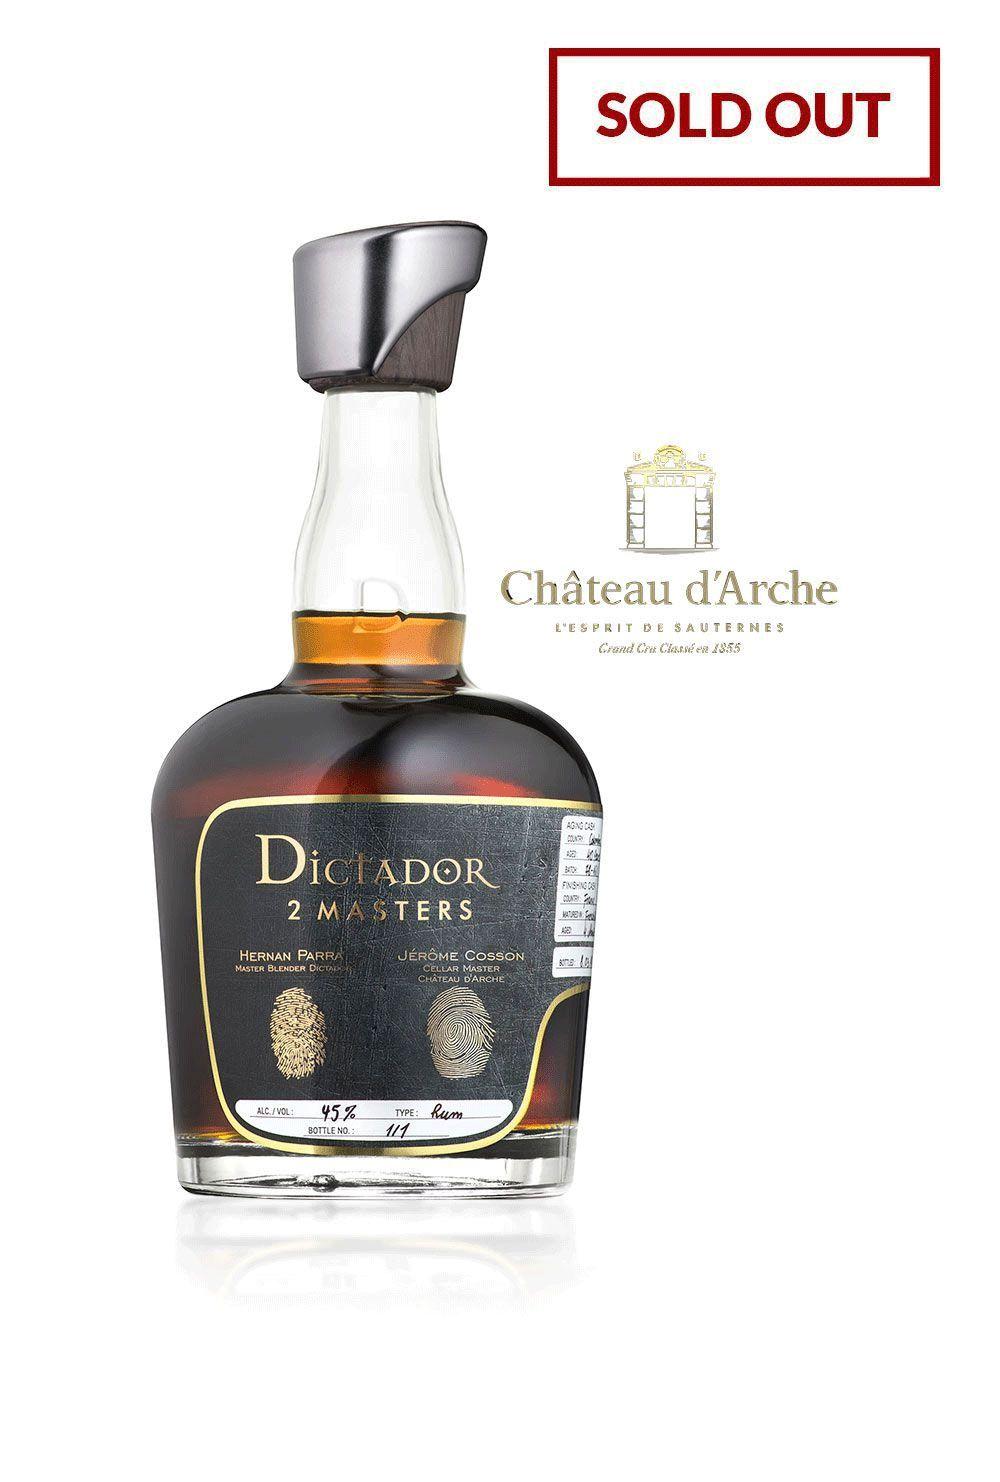 Rum Dictador 2 Masters Château d'Arche 1980